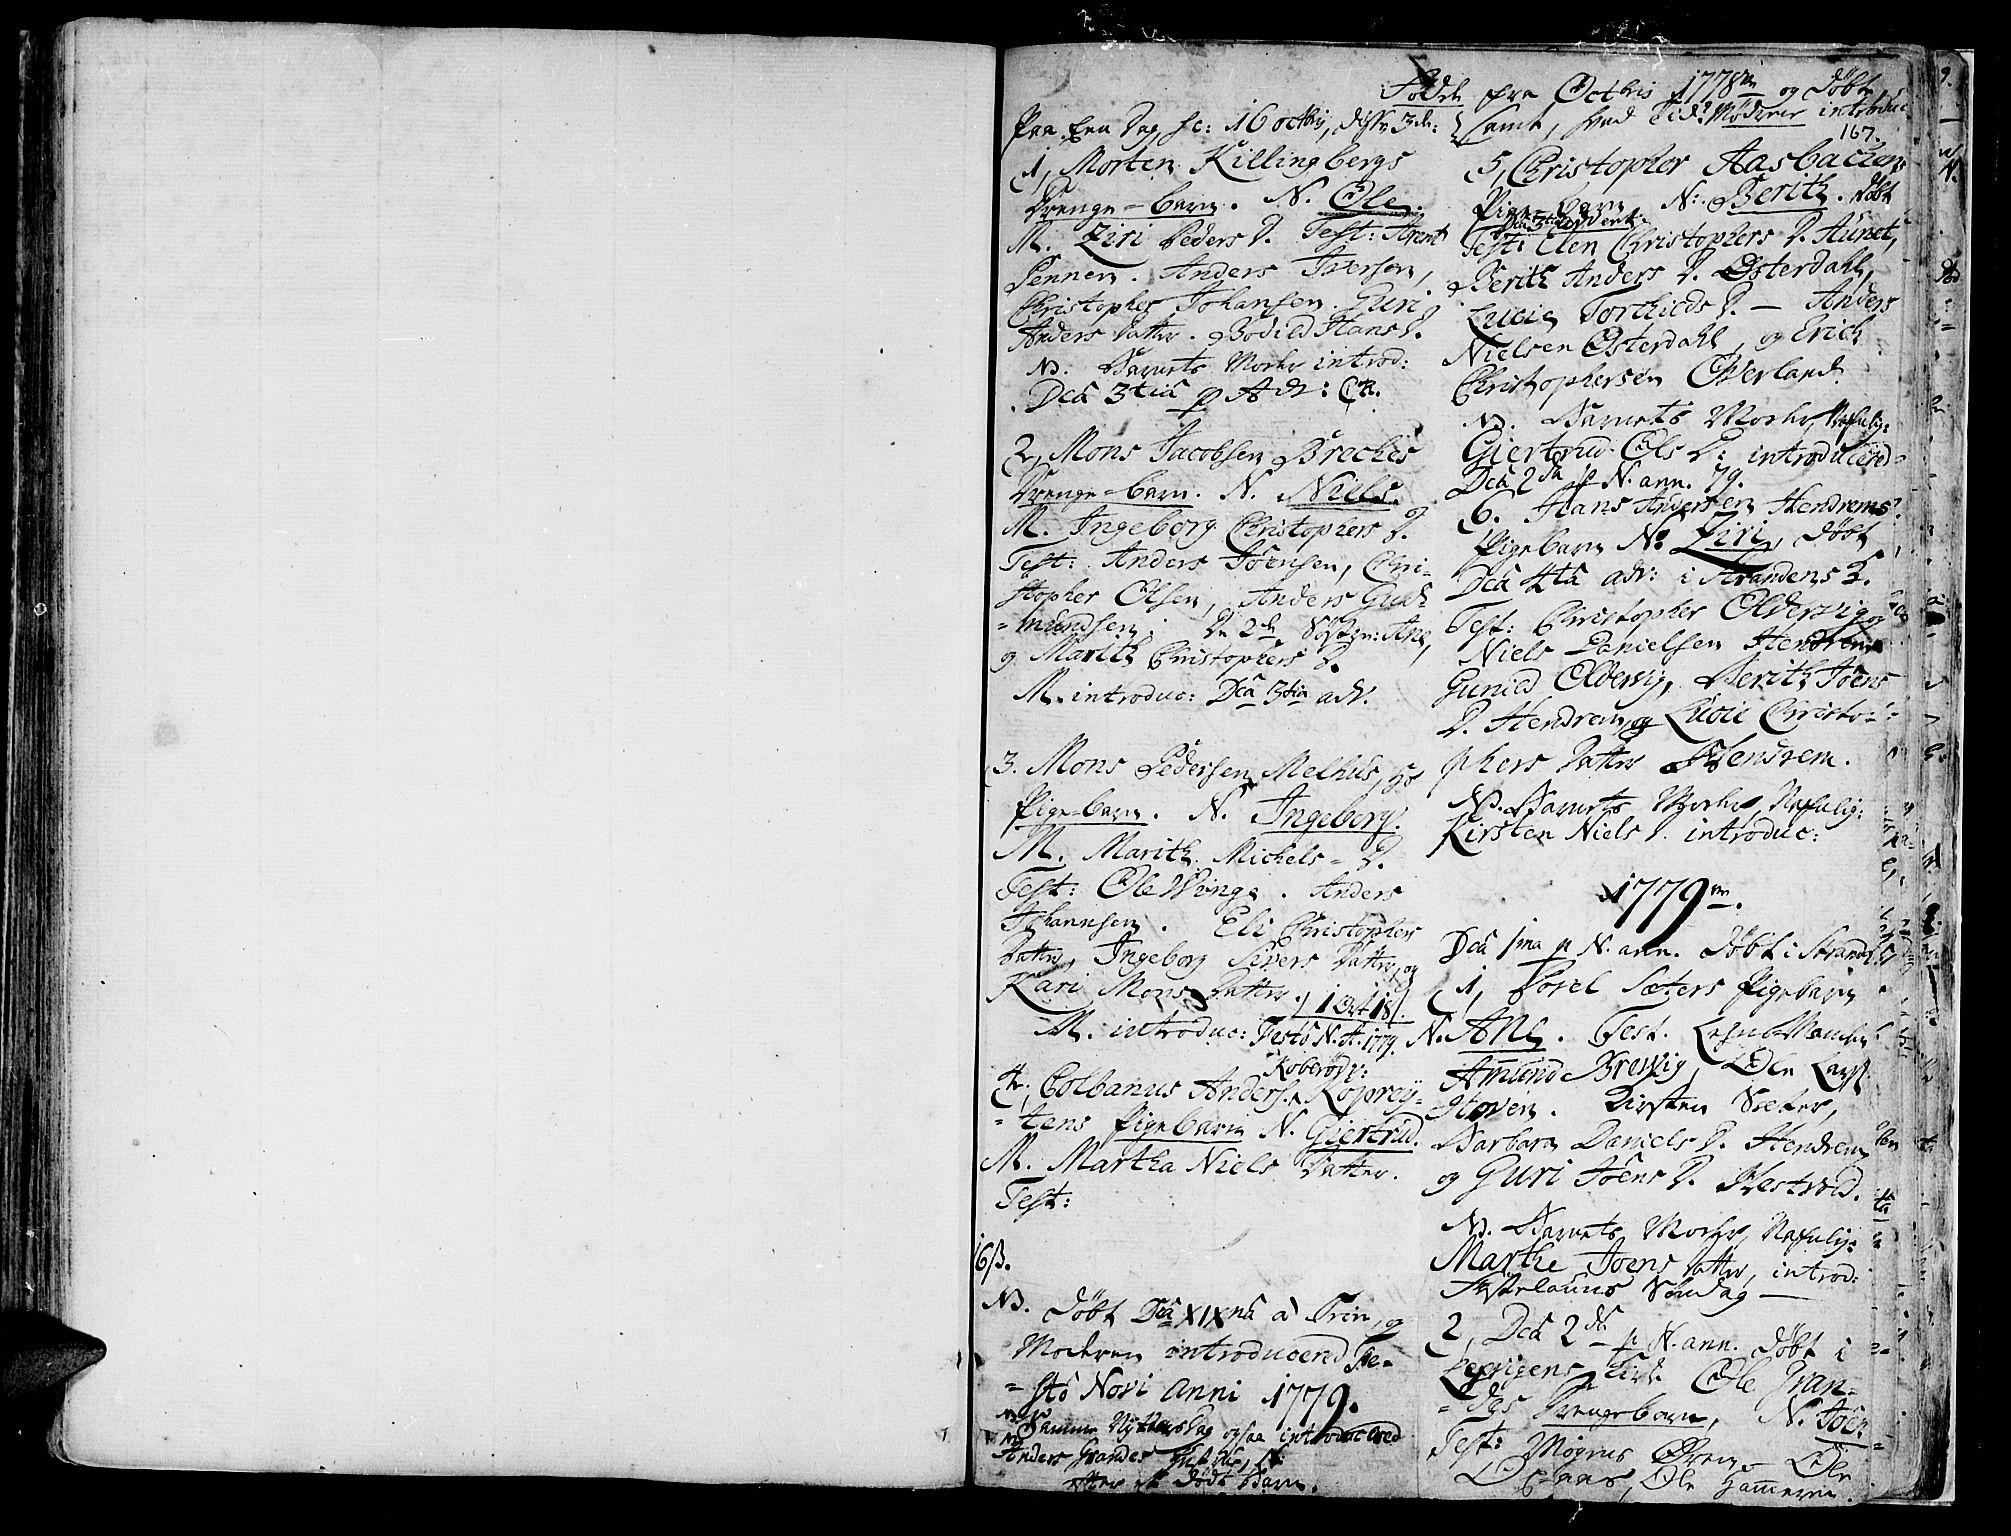 SAT, Ministerialprotokoller, klokkerbøker og fødselsregistre - Nord-Trøndelag, 701/L0003: Ministerialbok nr. 701A03, 1751-1783, s. 167